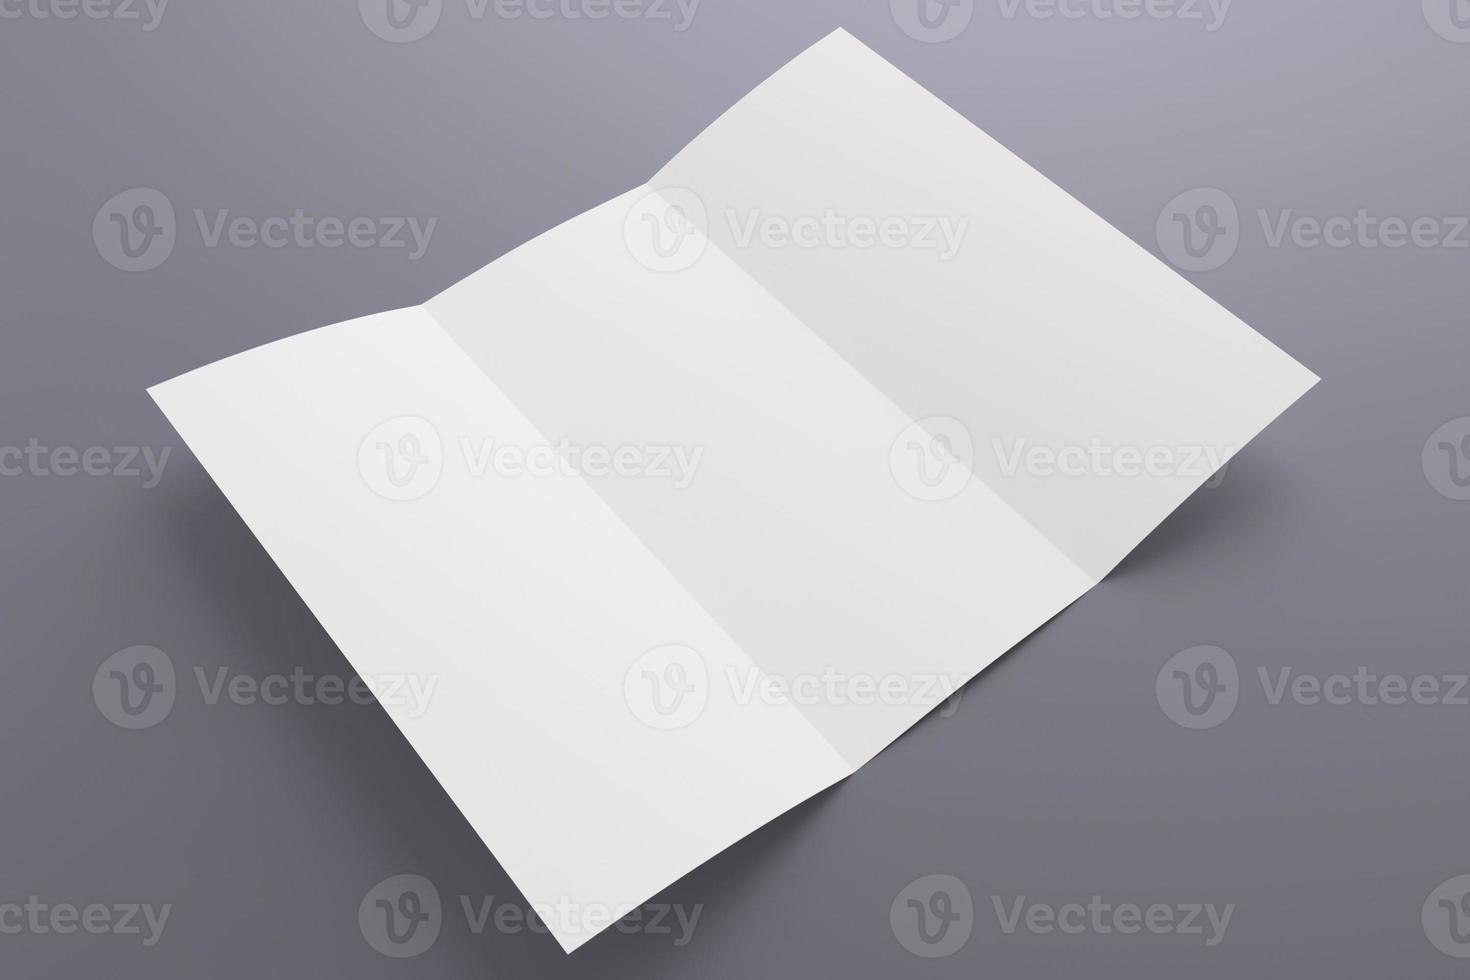 leere geöffnete dreifach gefaltete Broschüre isoliert auf grau foto